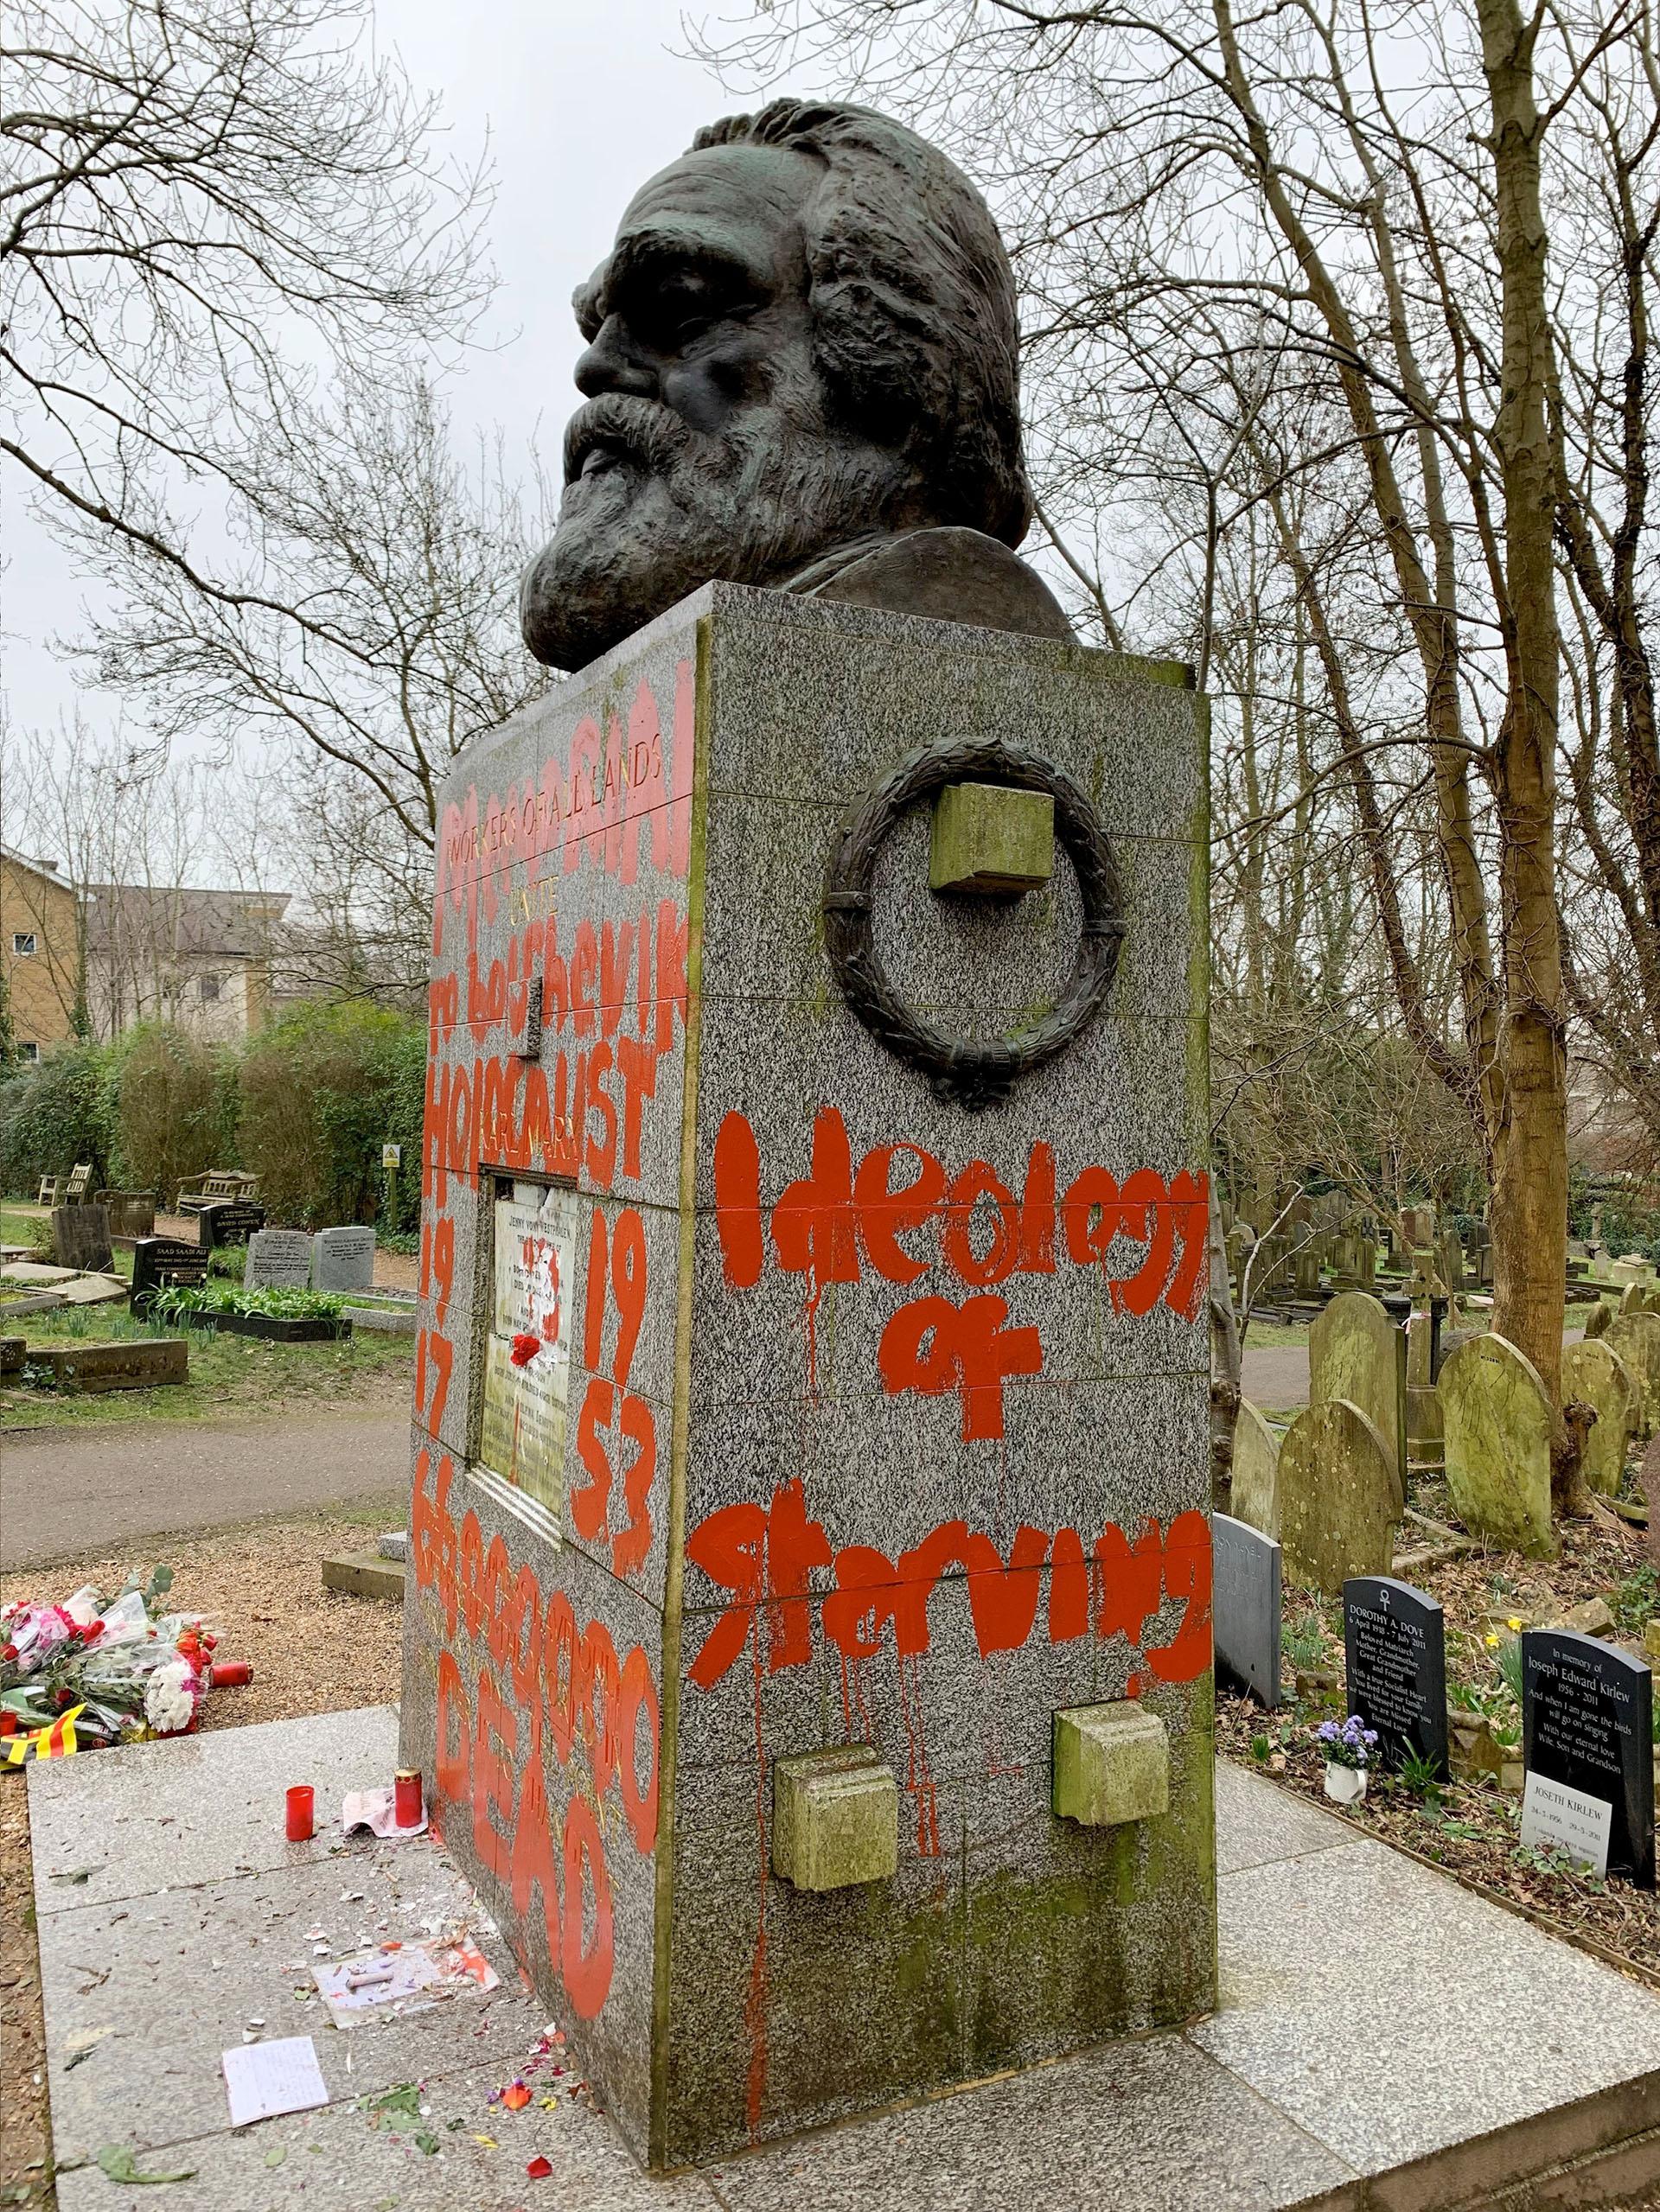 La tumba se encuentra en el emblemático cementerio de Highgate, en Londres (Reuters)